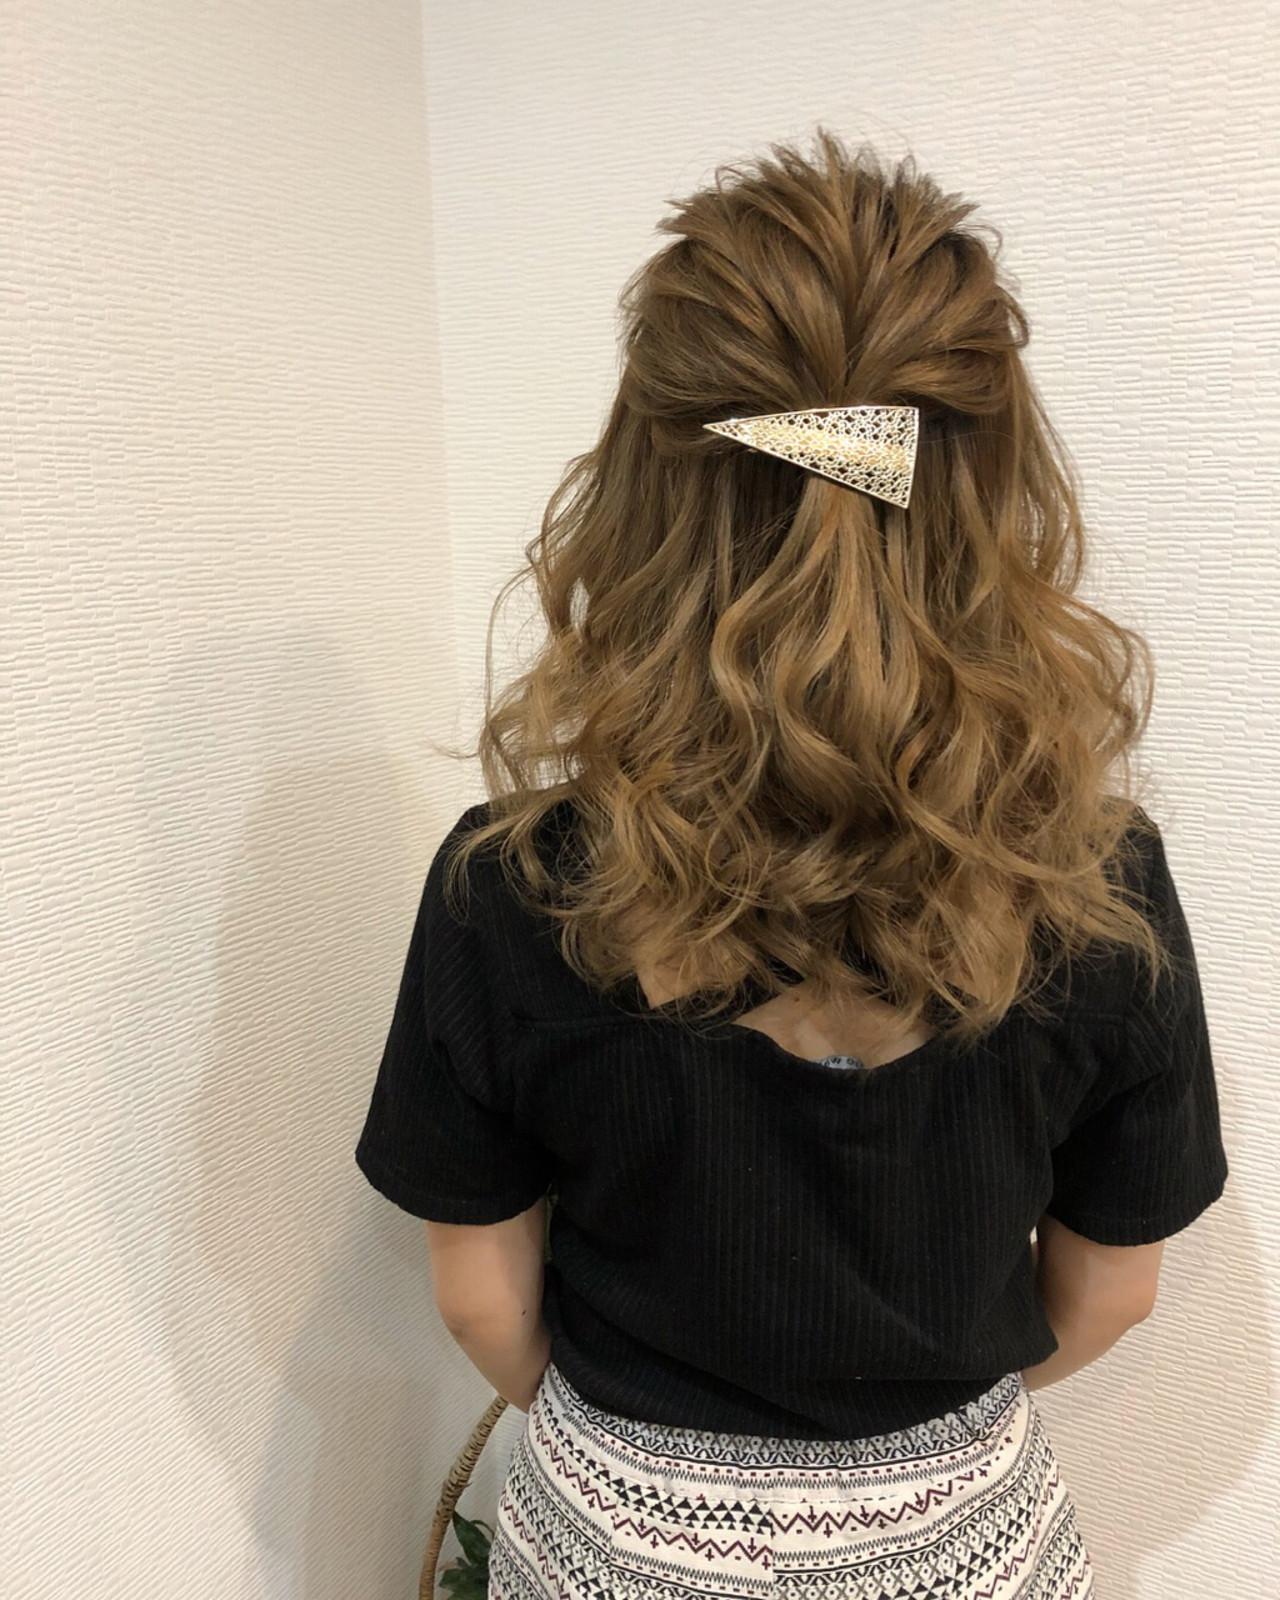 フェミニン ルーズ ミディアム ハーフアップ ヘアスタイルや髪型の写真・画像